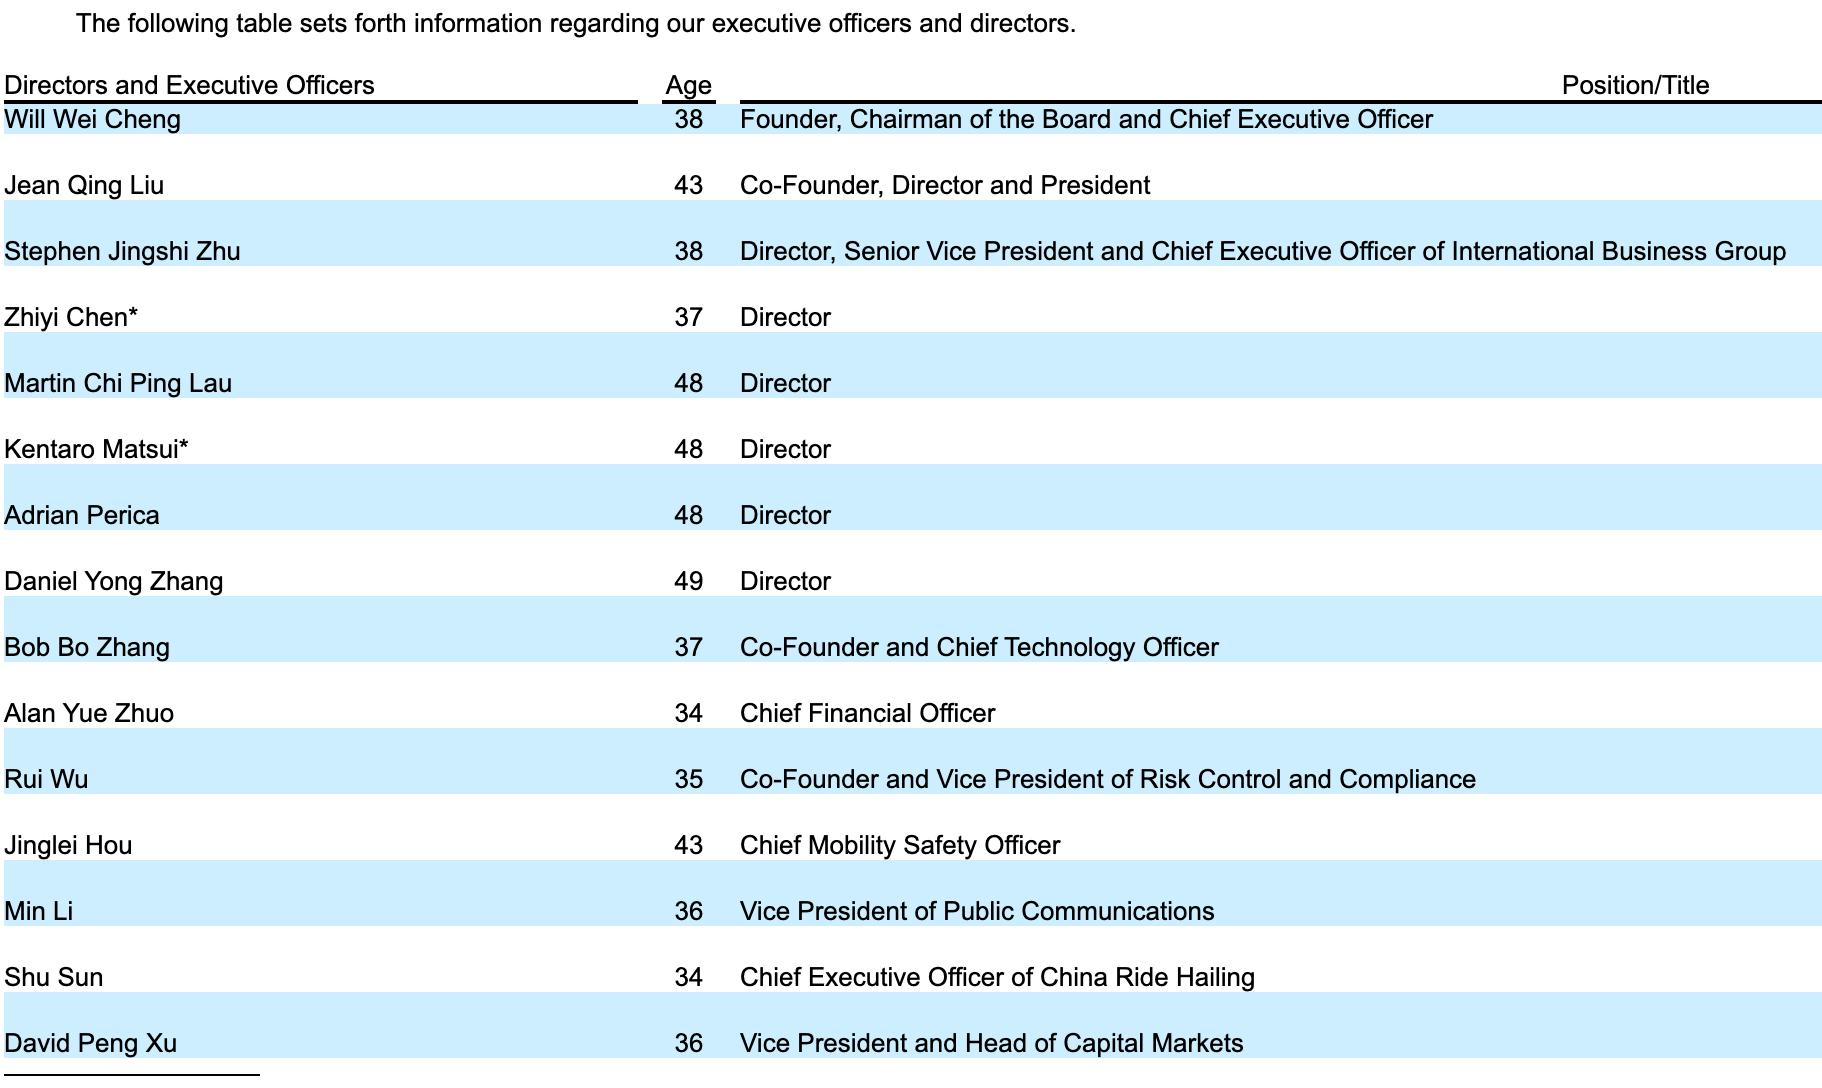 滴滴董事会和管理层名单。